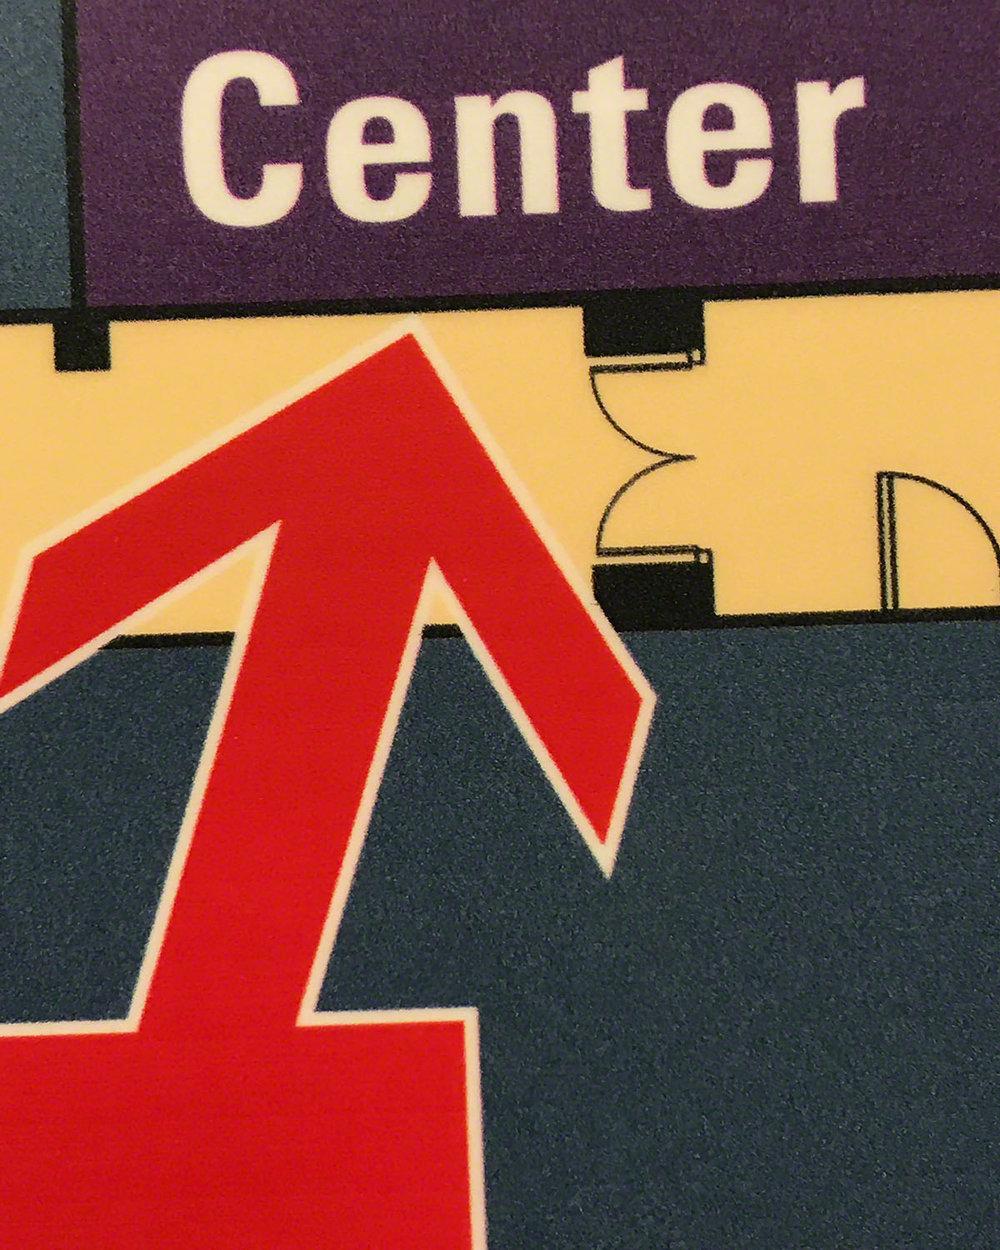 Center - 16